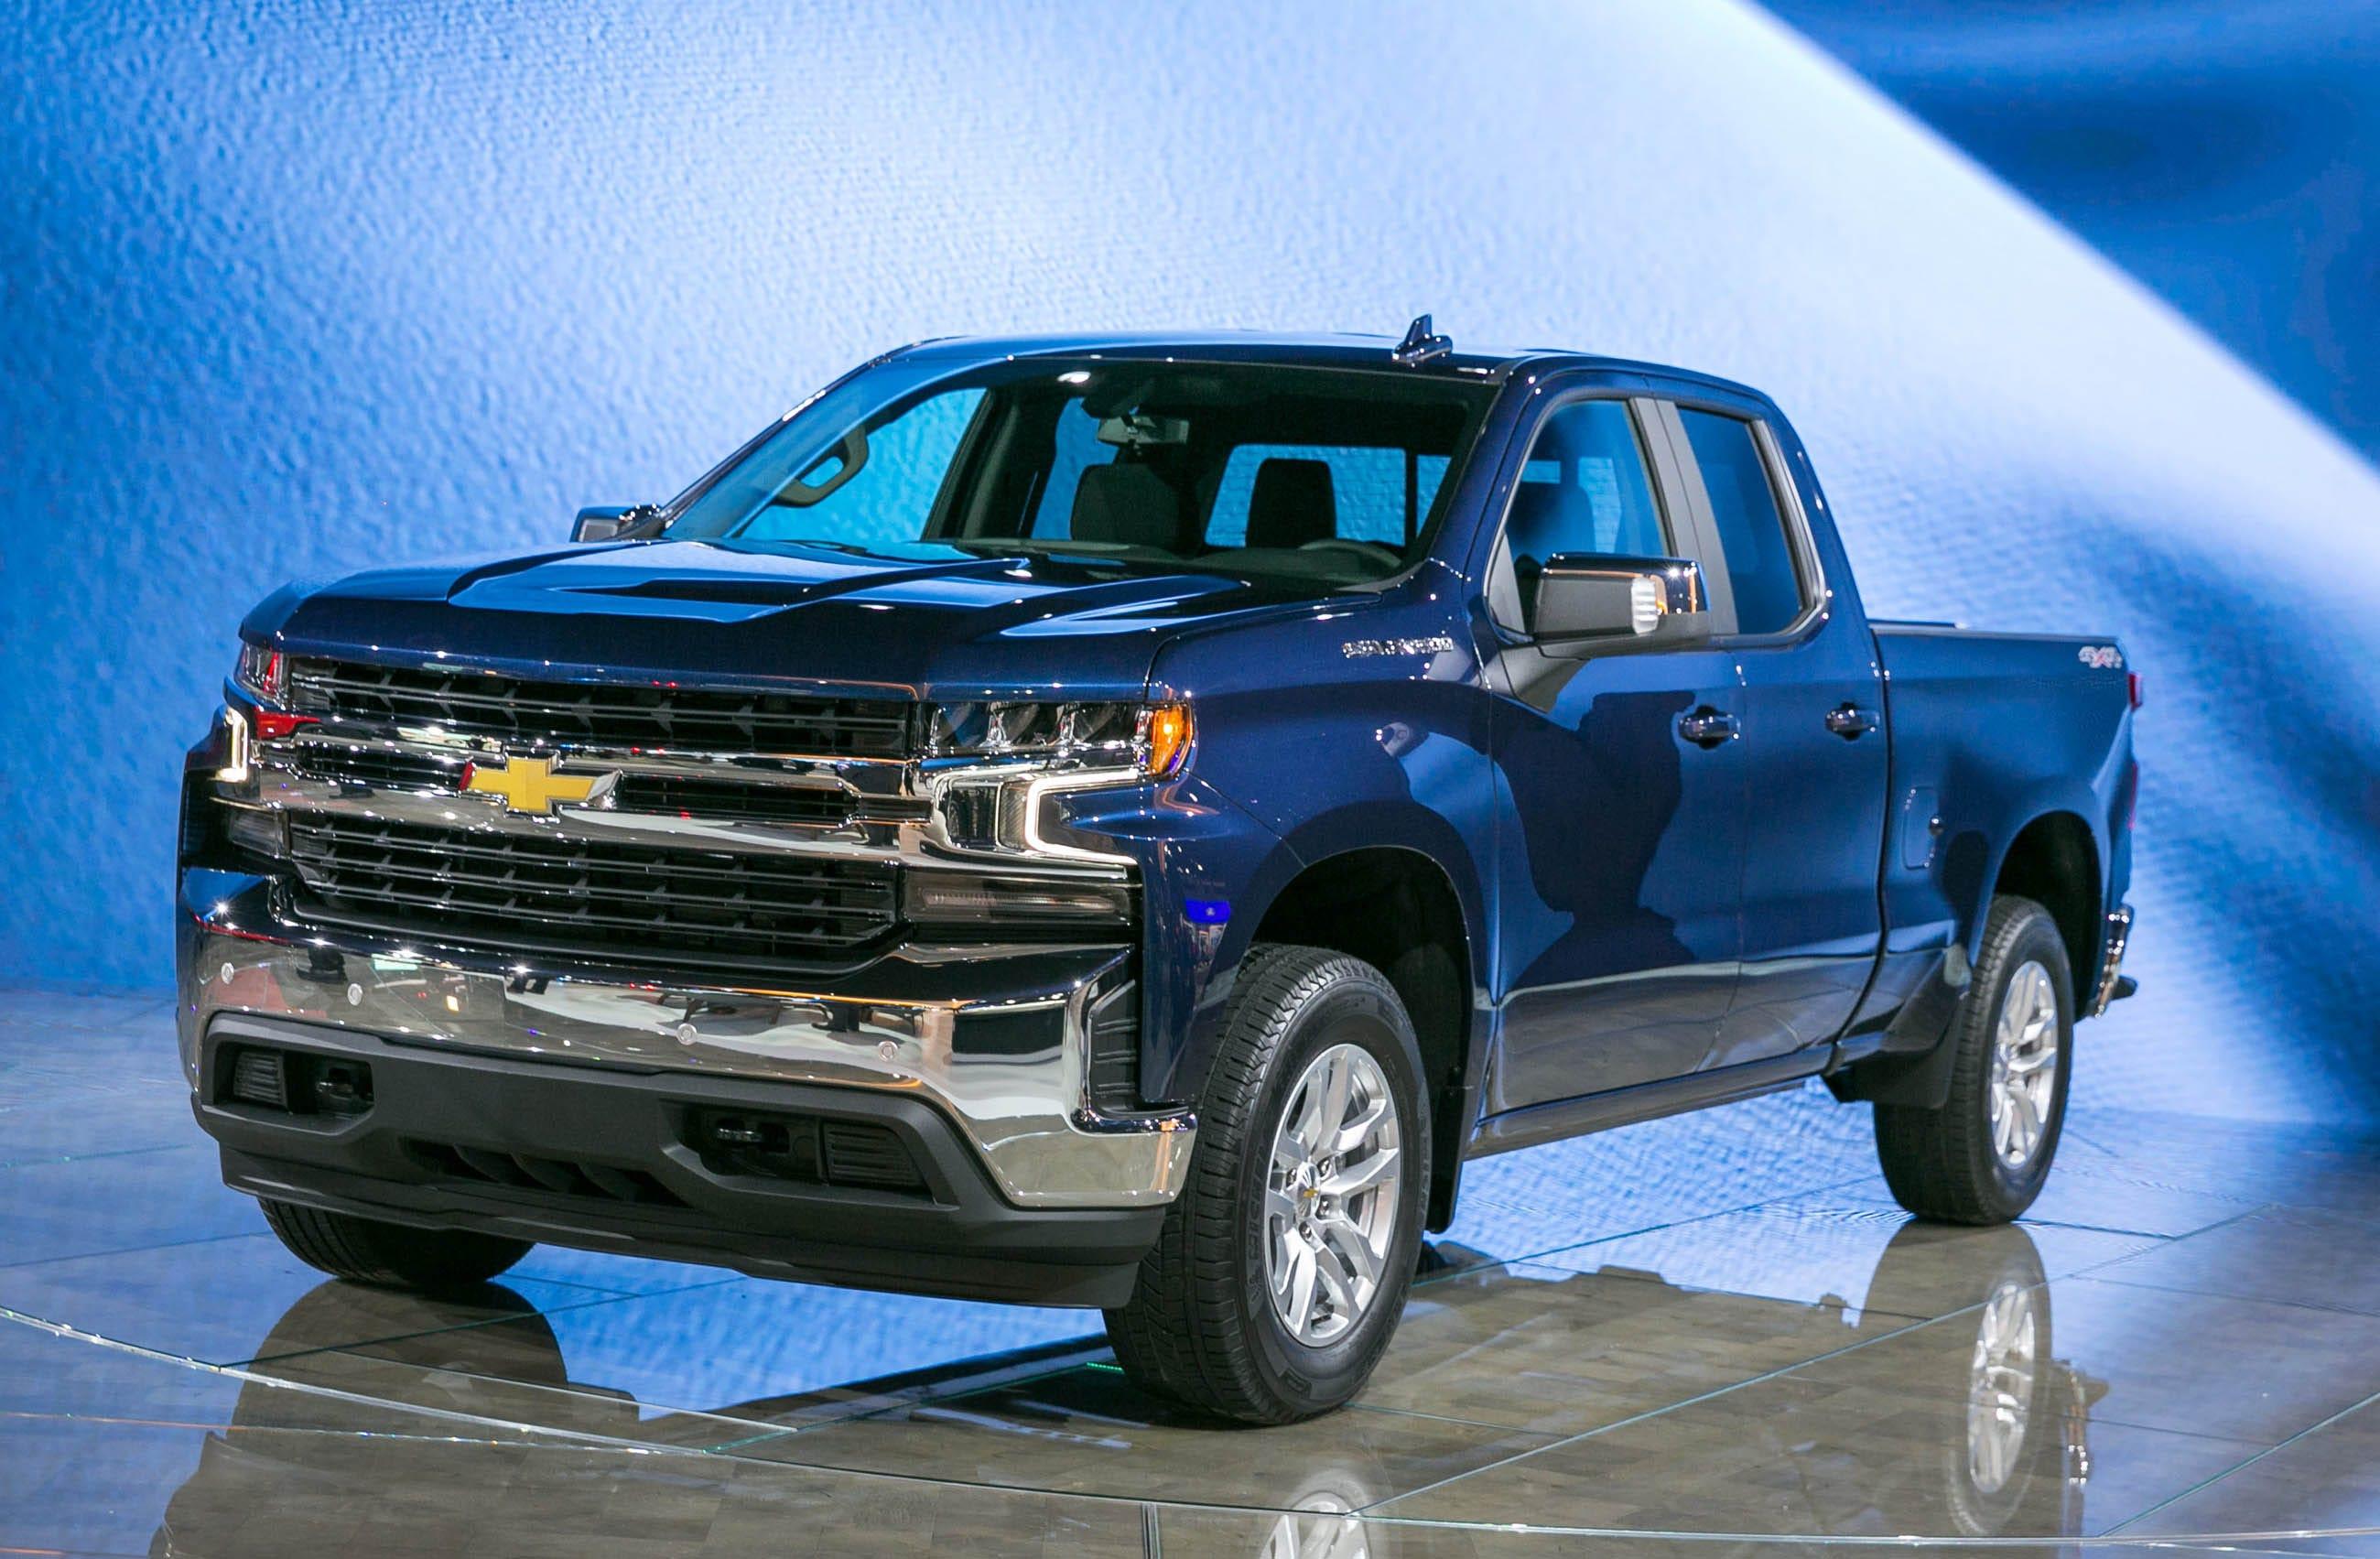 Kelebihan Kekurangan Chevrolet General Motors Murah Berkualitas